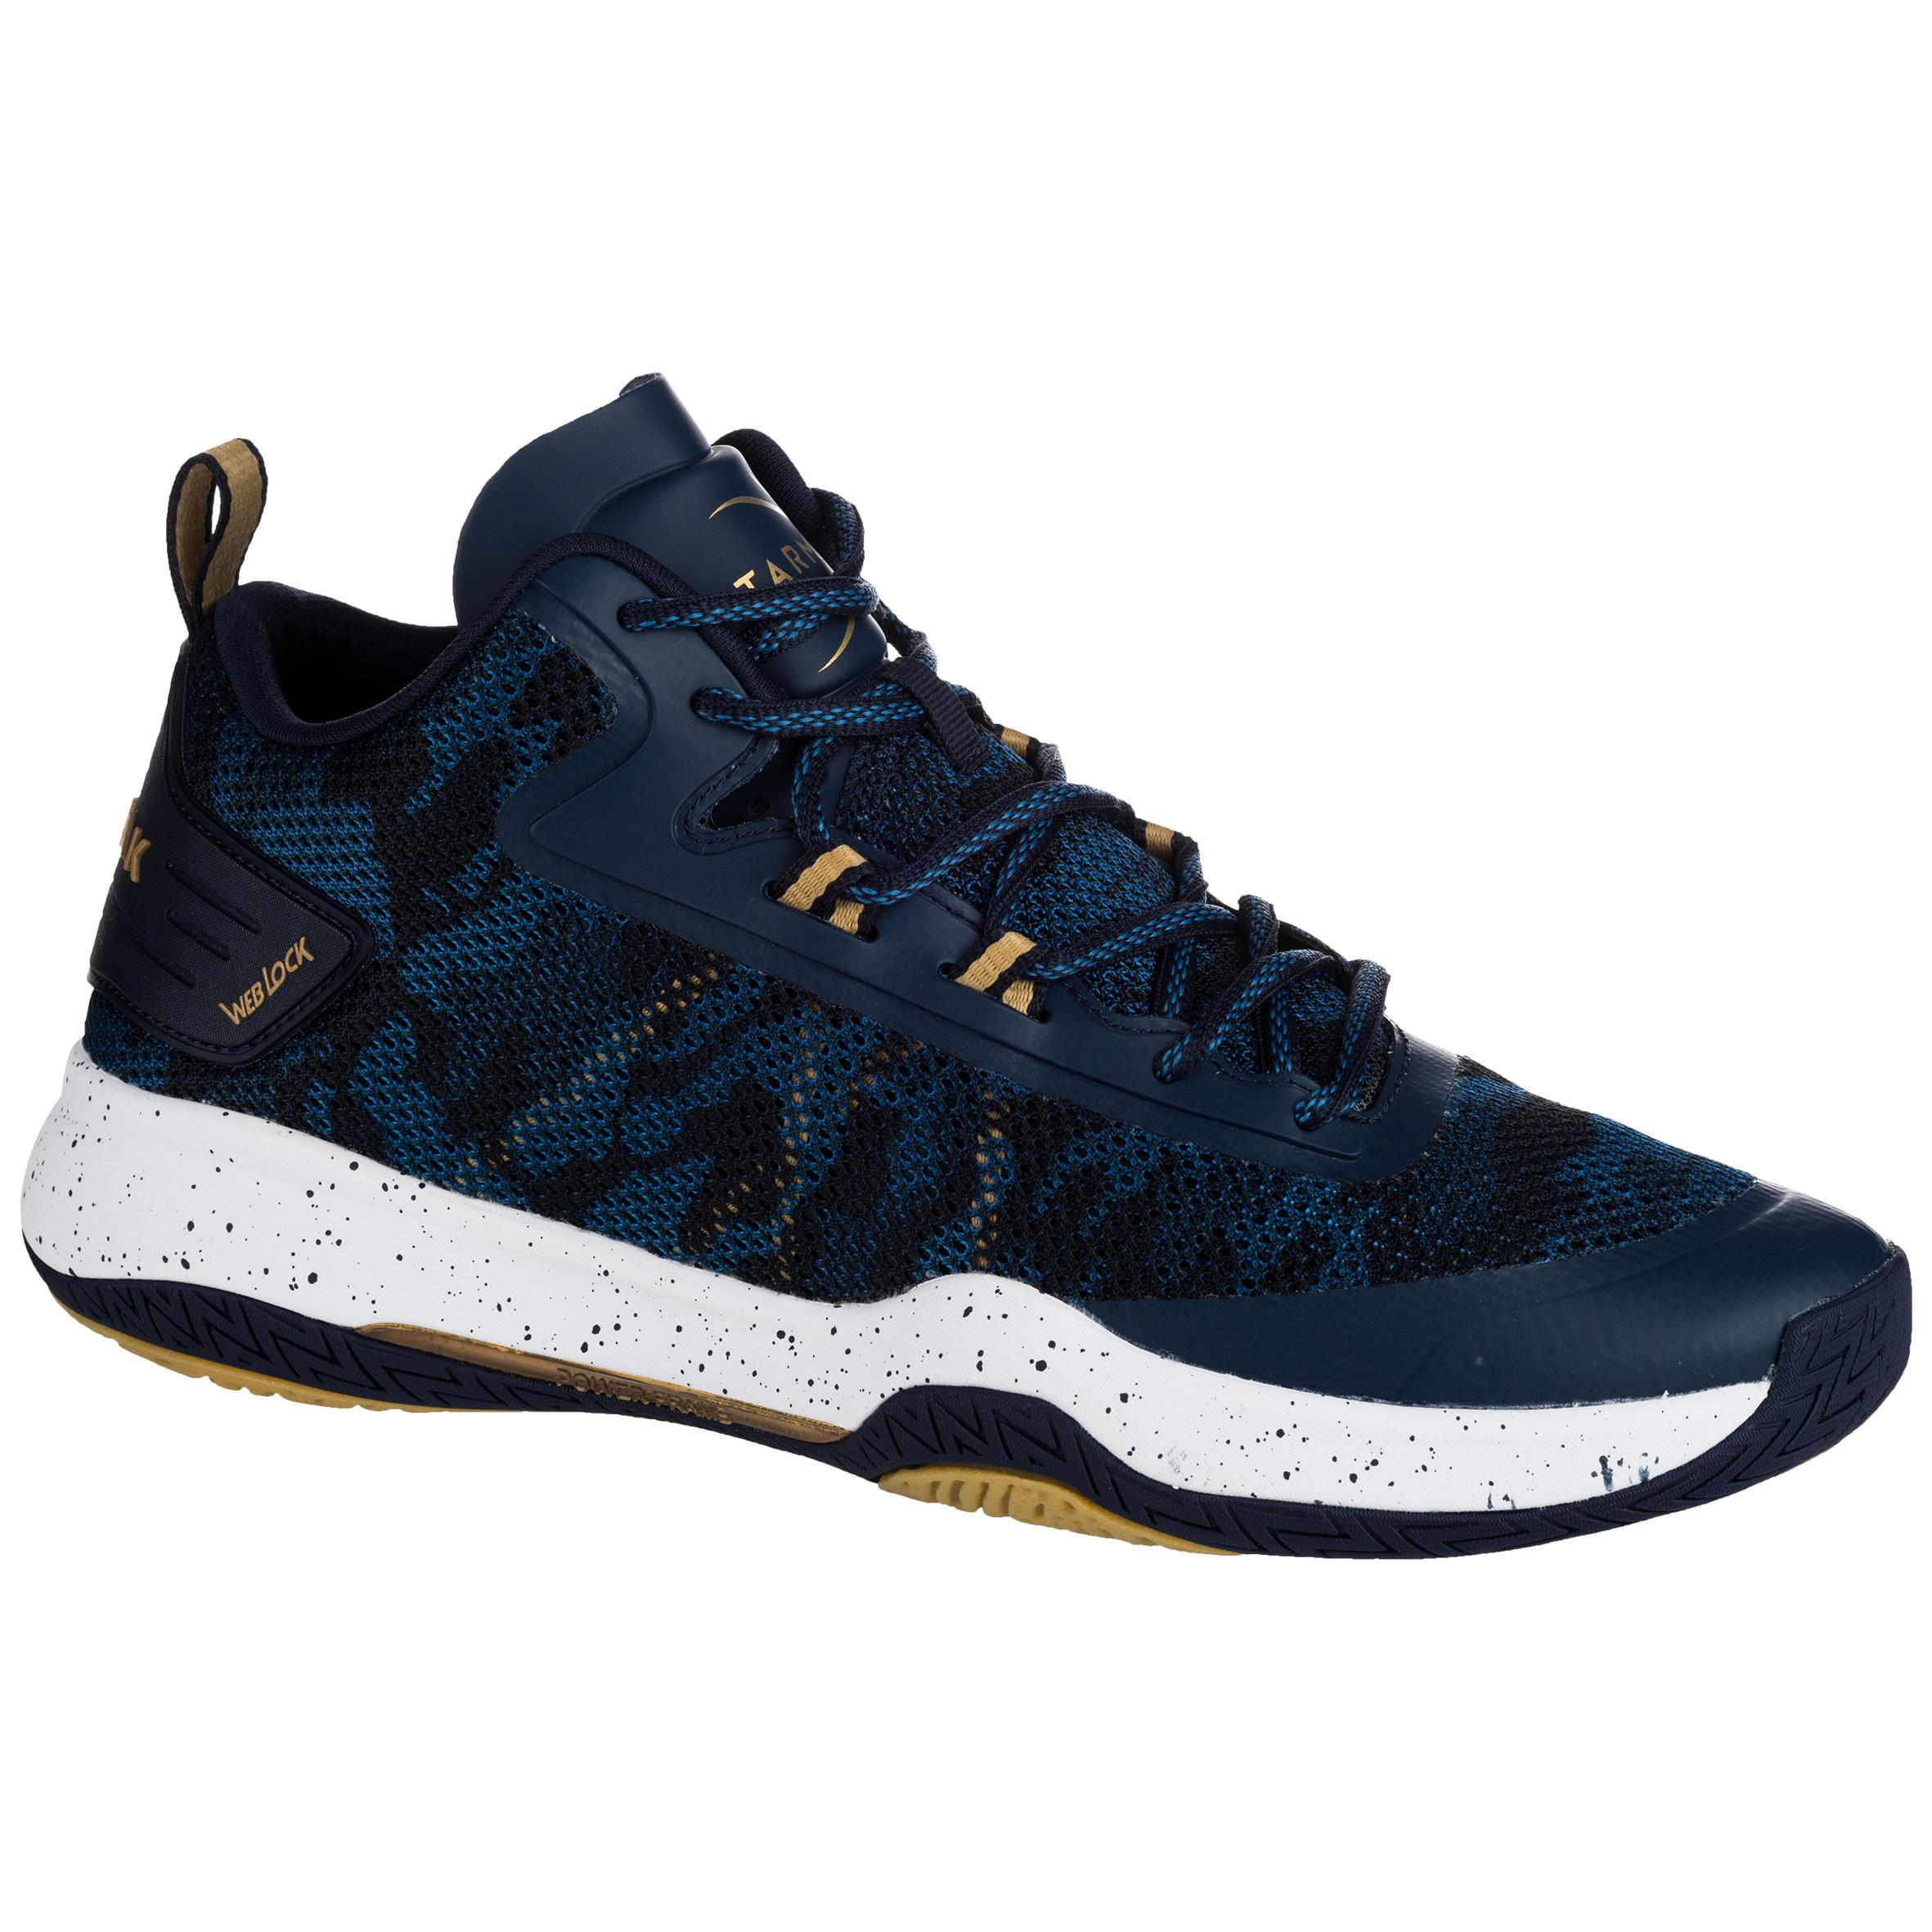 Tarmak Basketbalschoenen SC500 mid blauw/goud (heren)